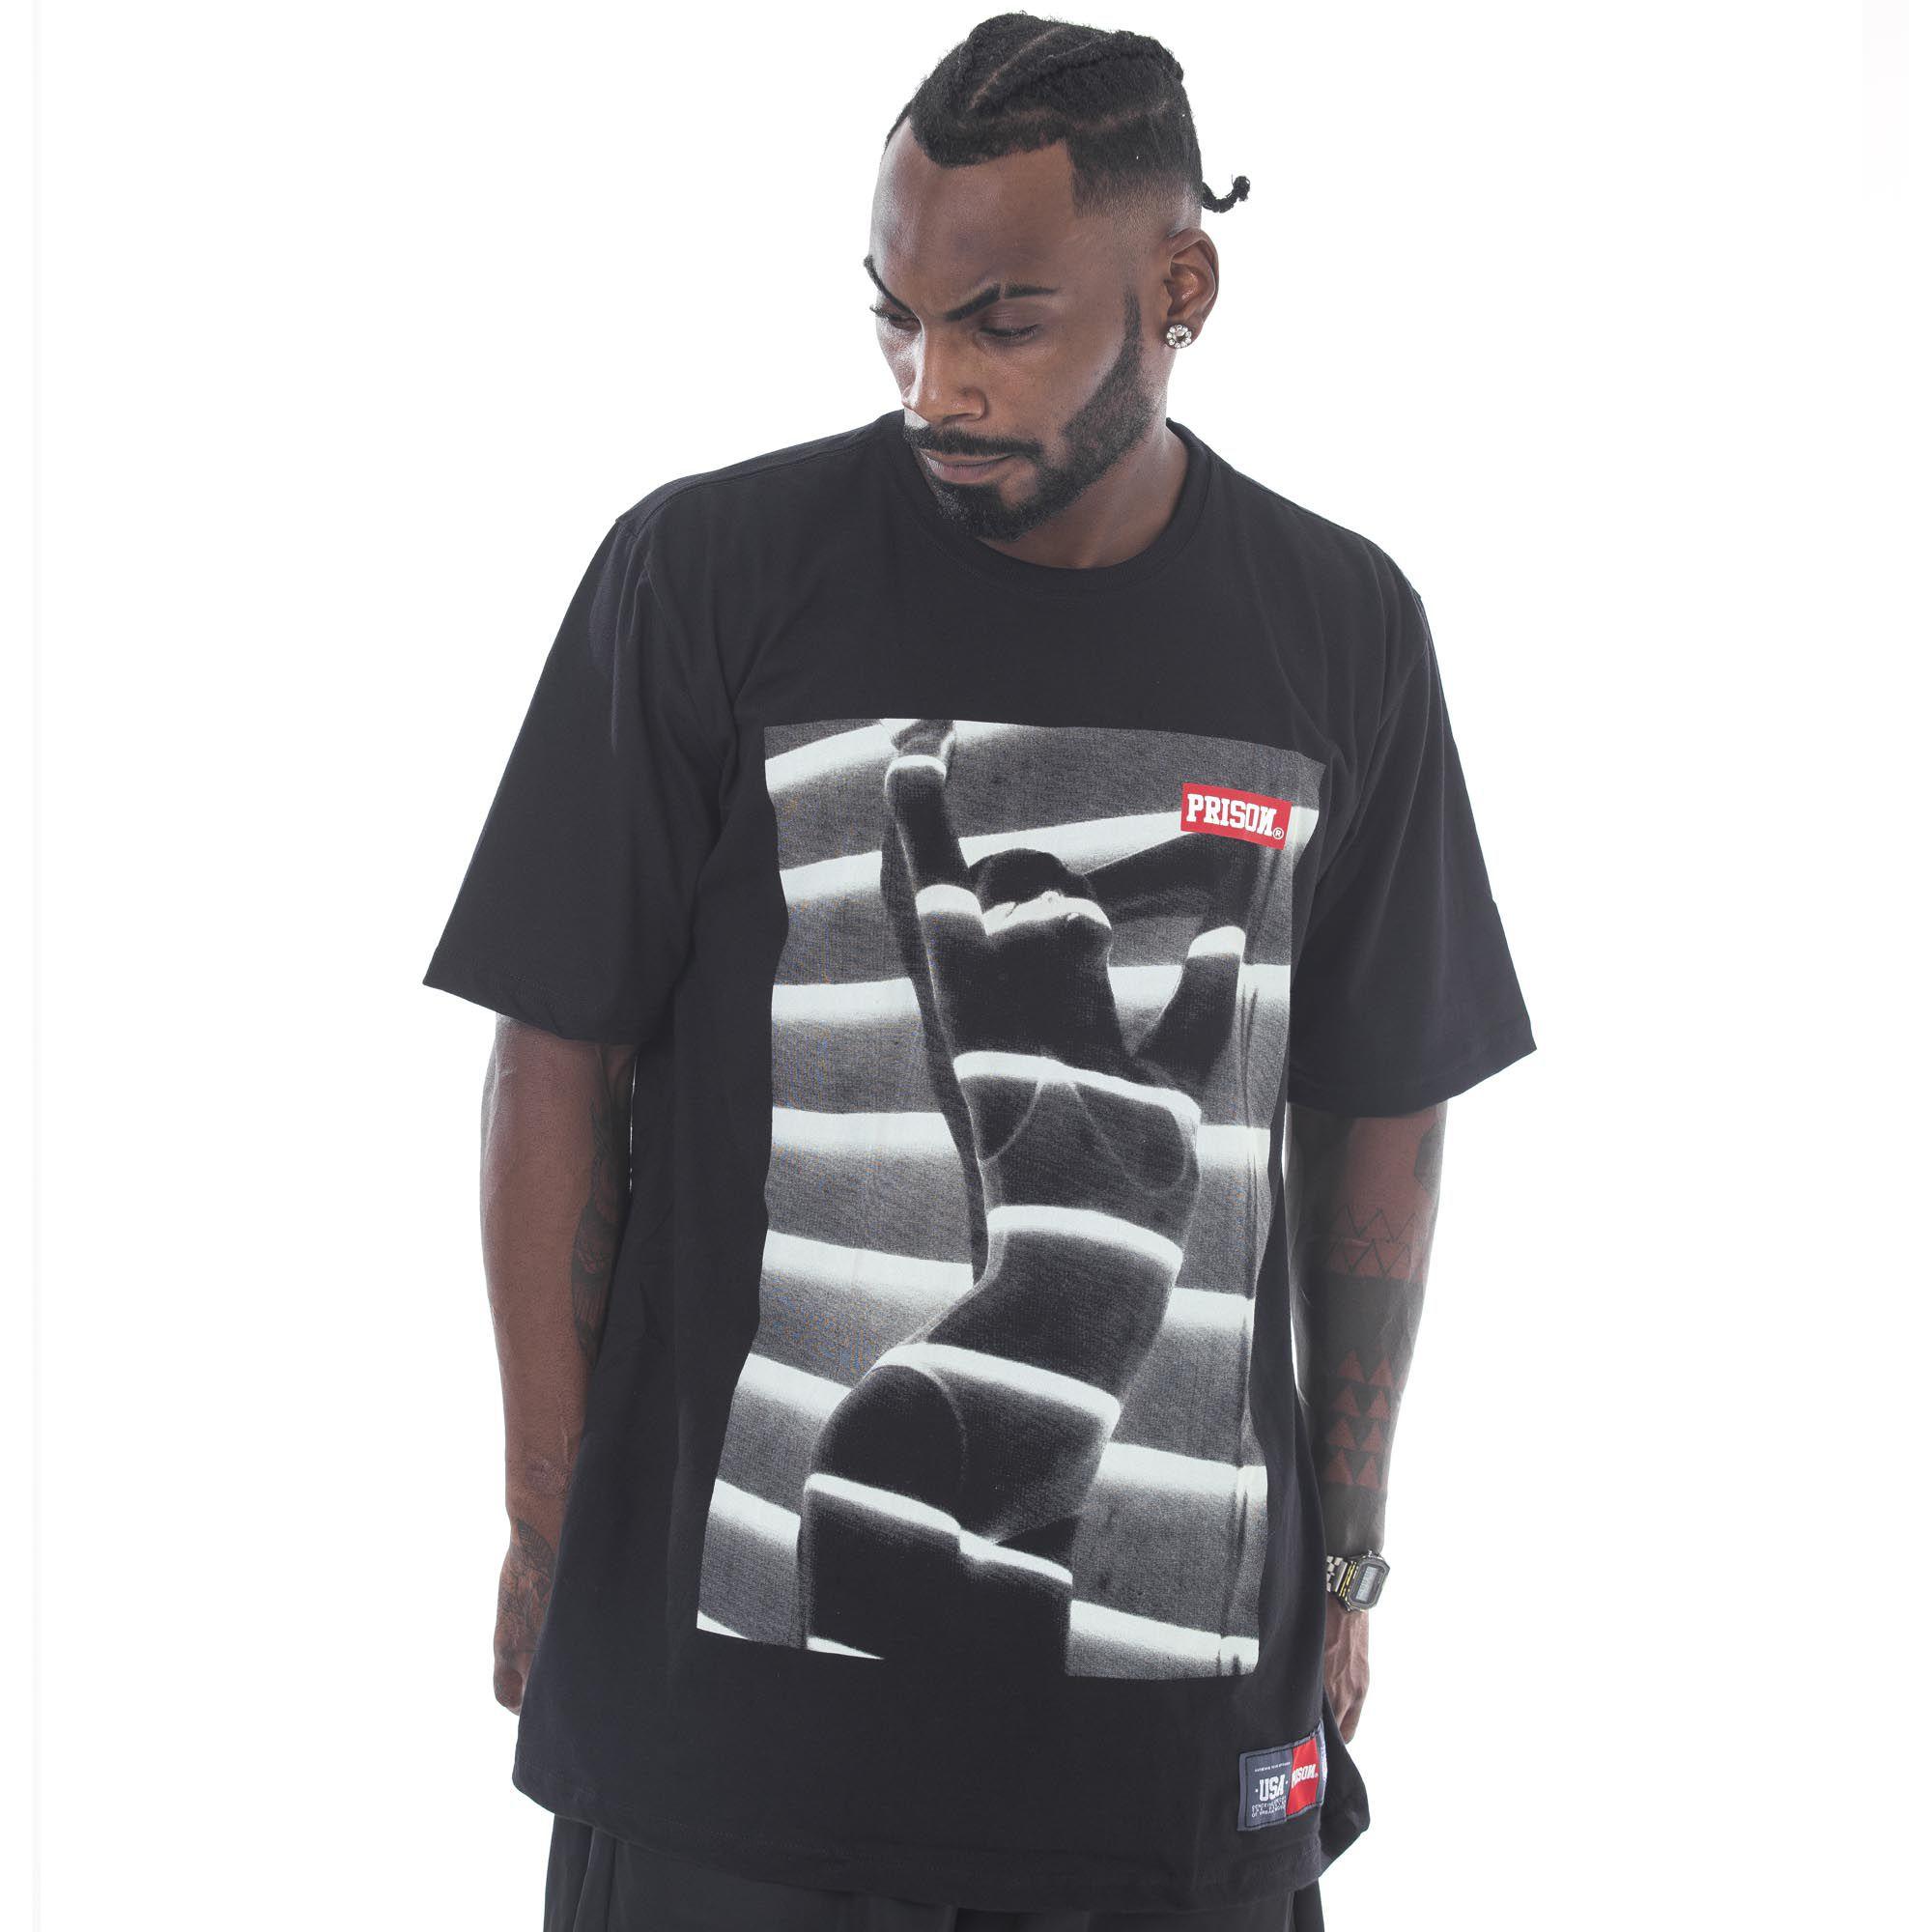 Camiseta Prison Secret Spy Preta